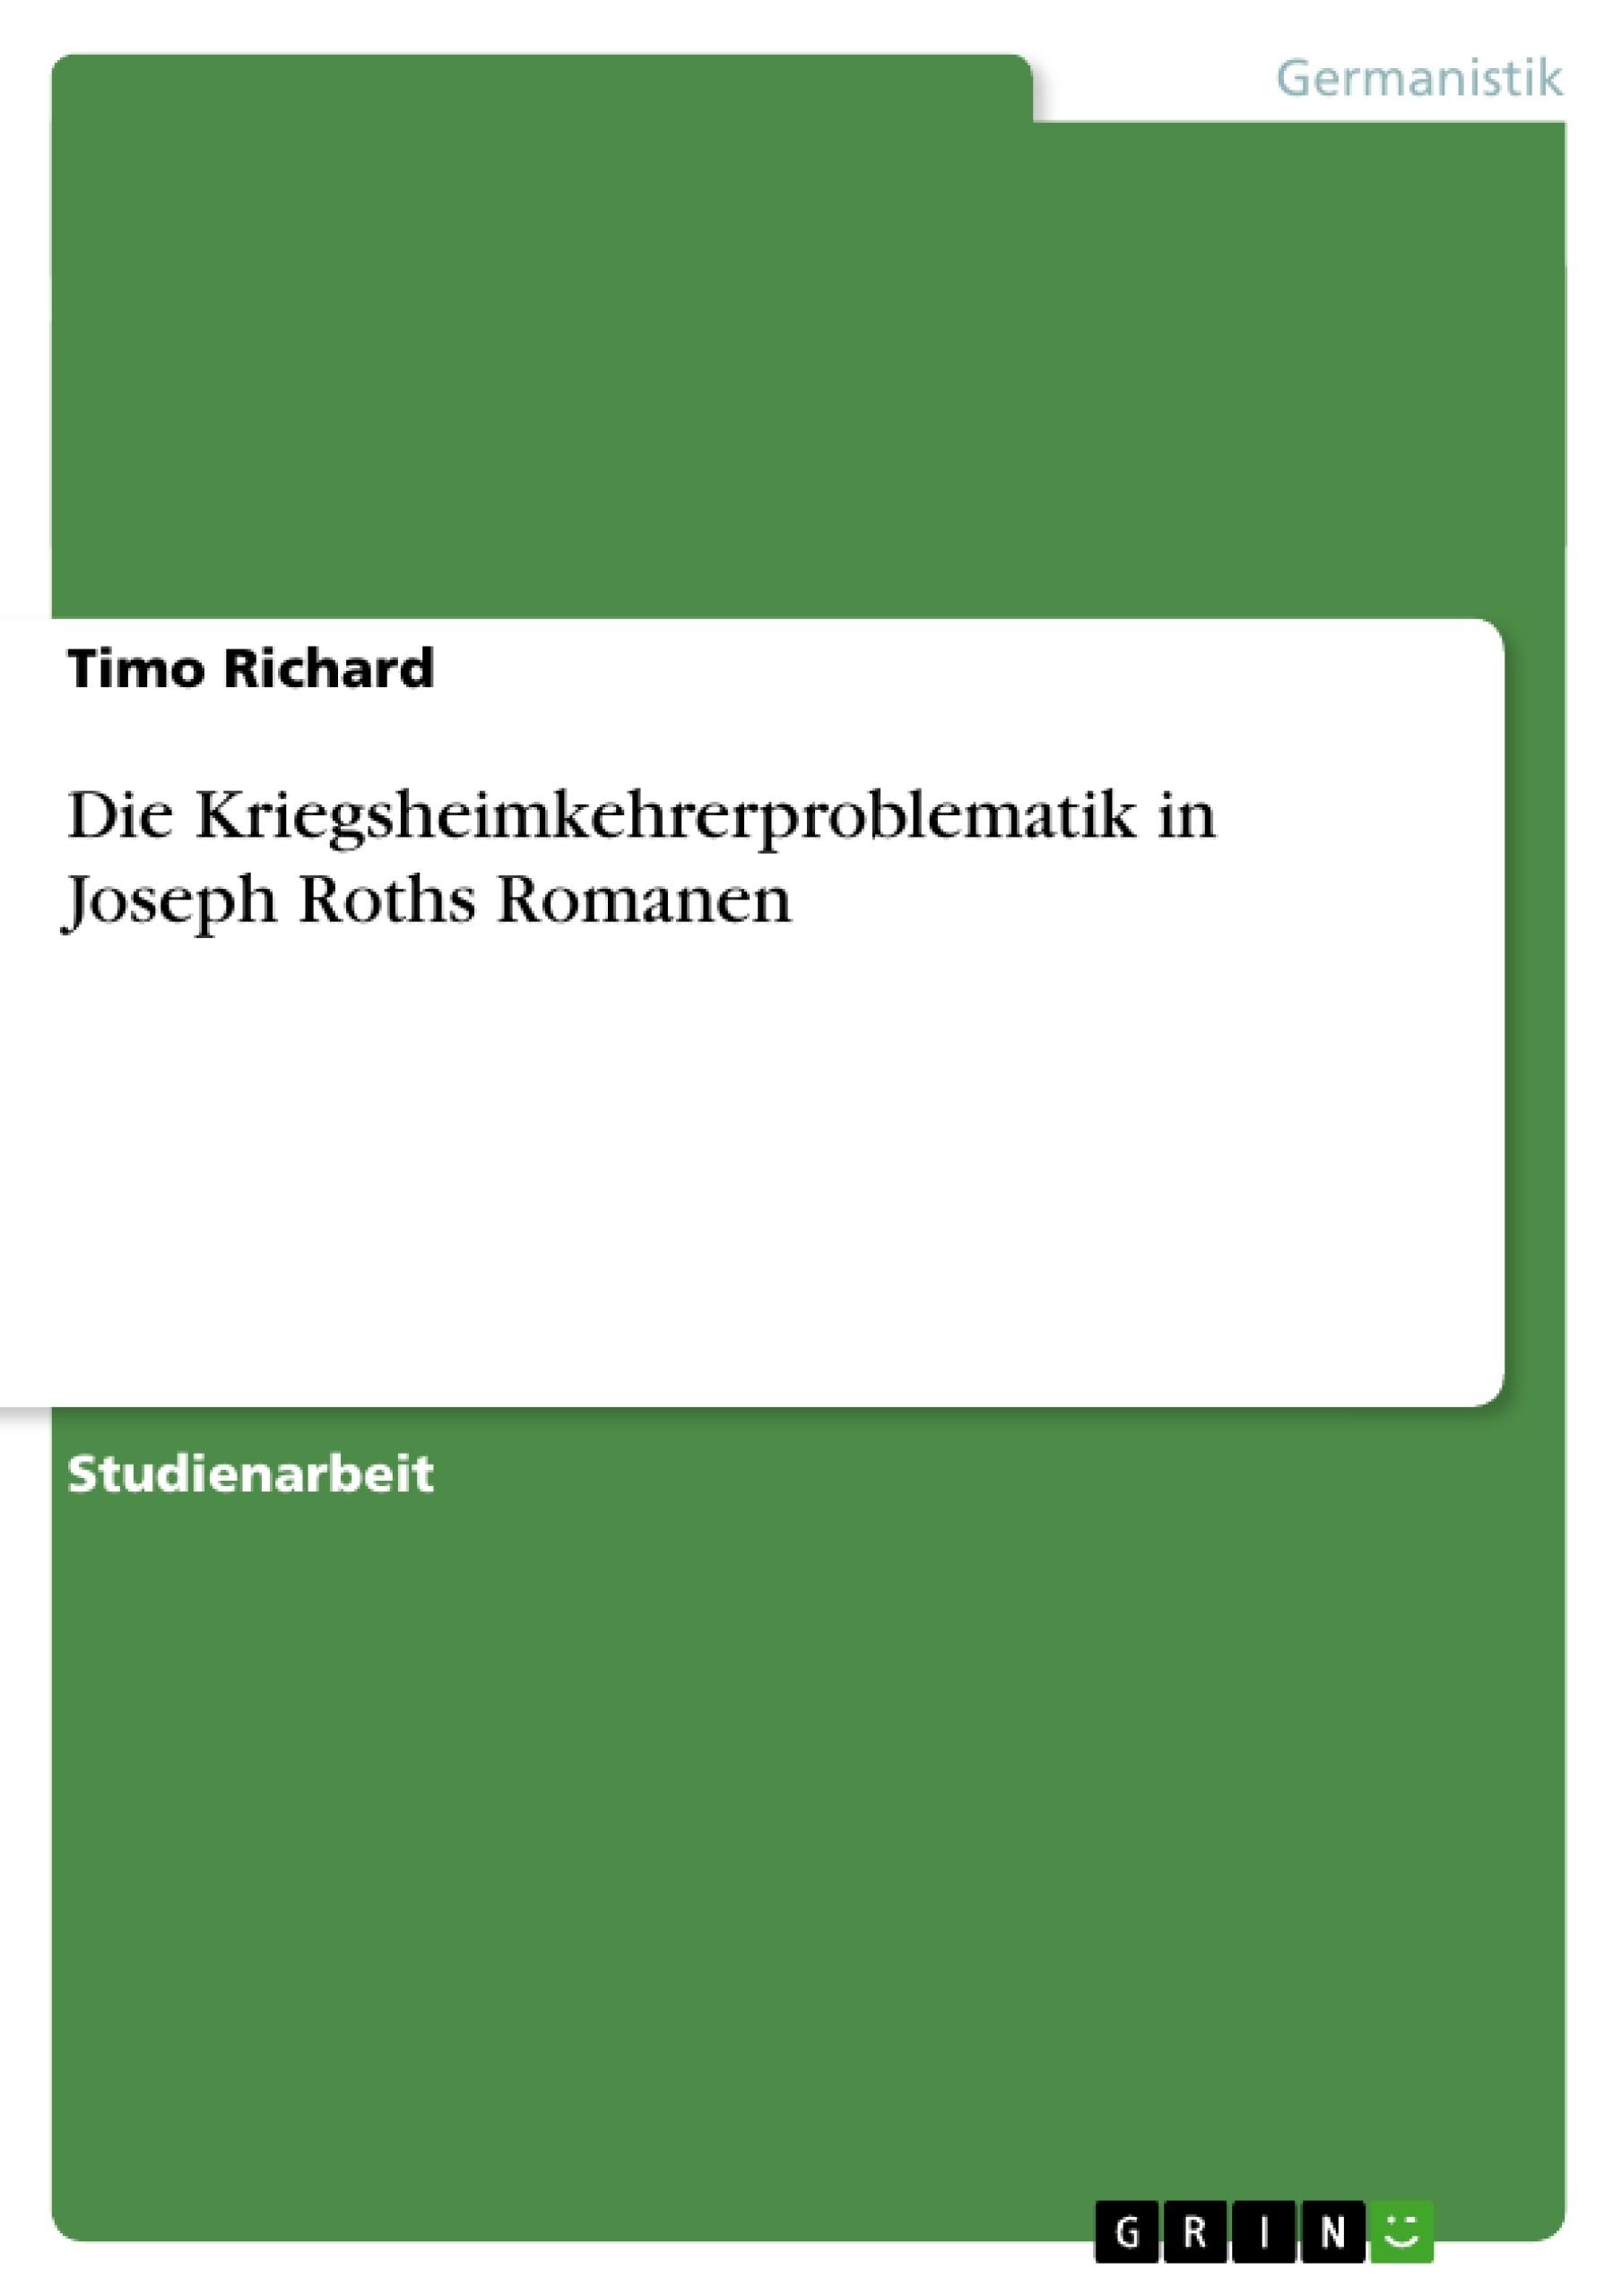 Titel: Die Kriegsheimkehrerproblematik in Joseph Roths Romanen